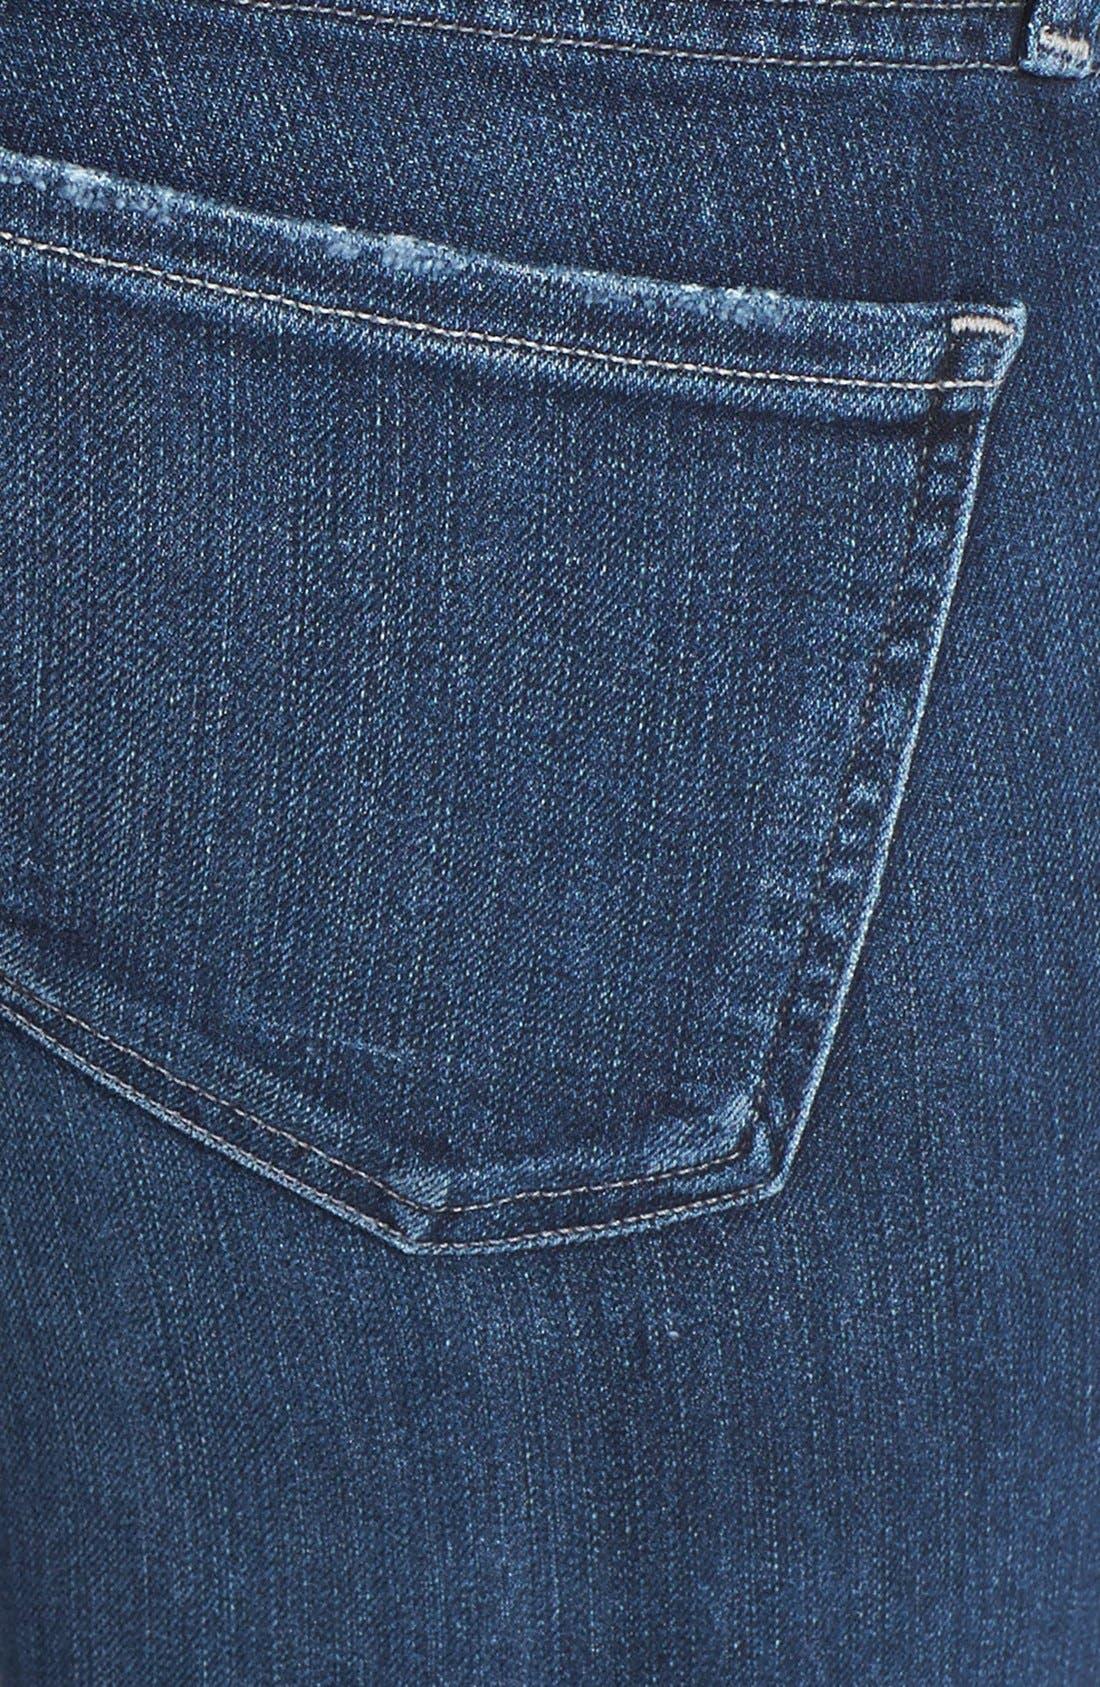 Arielle Slim Jeans,                             Alternate thumbnail 5, color,                             425